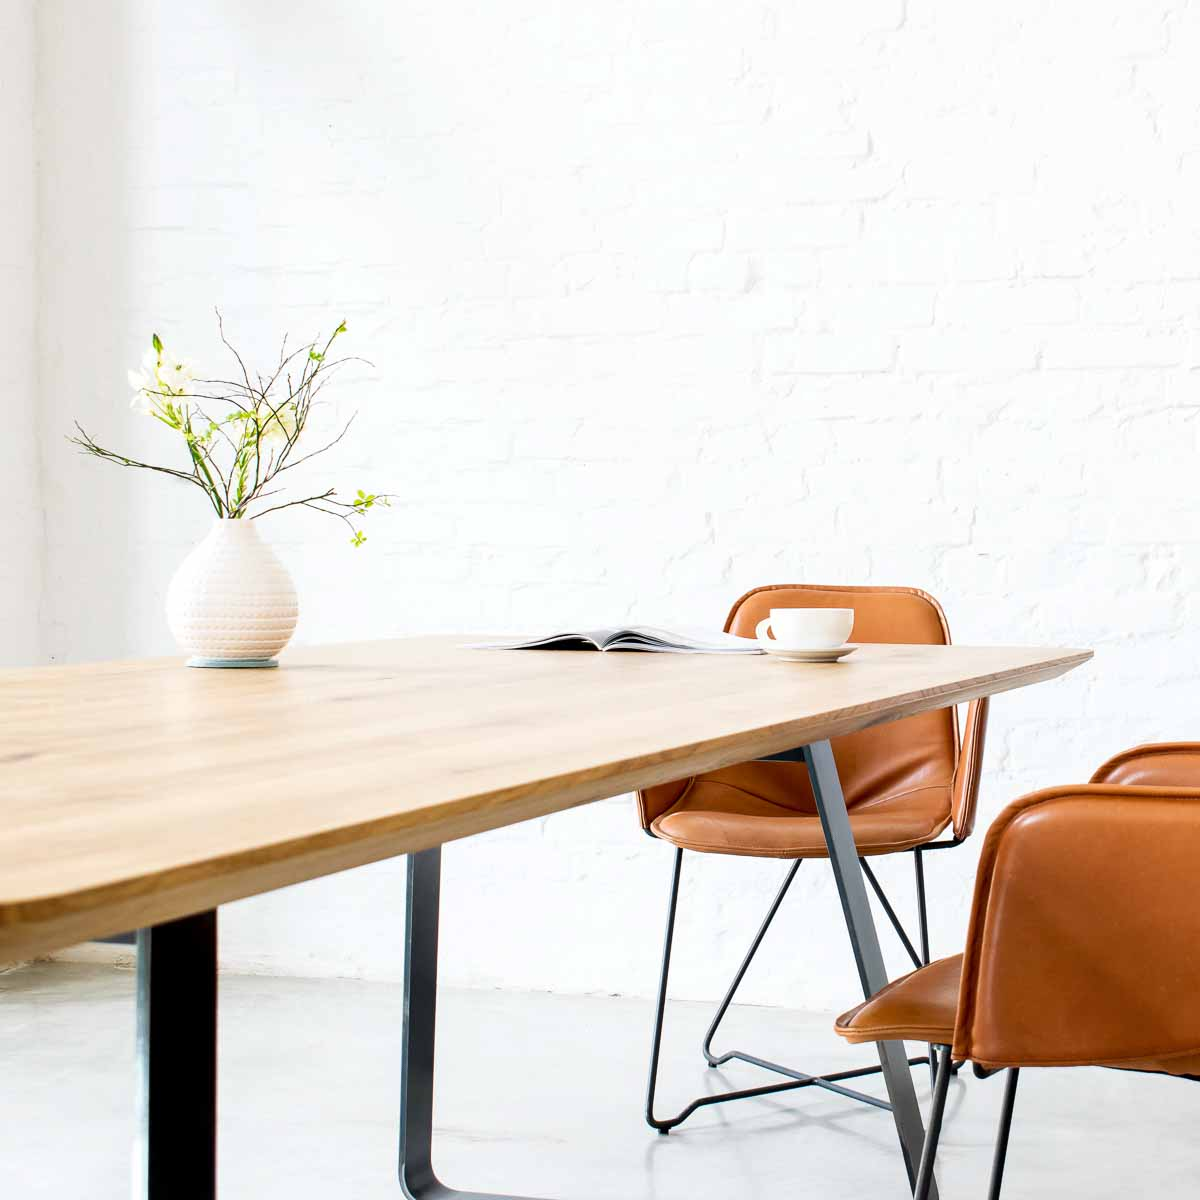 MBzwo Tische und Möbel online bestellen-2